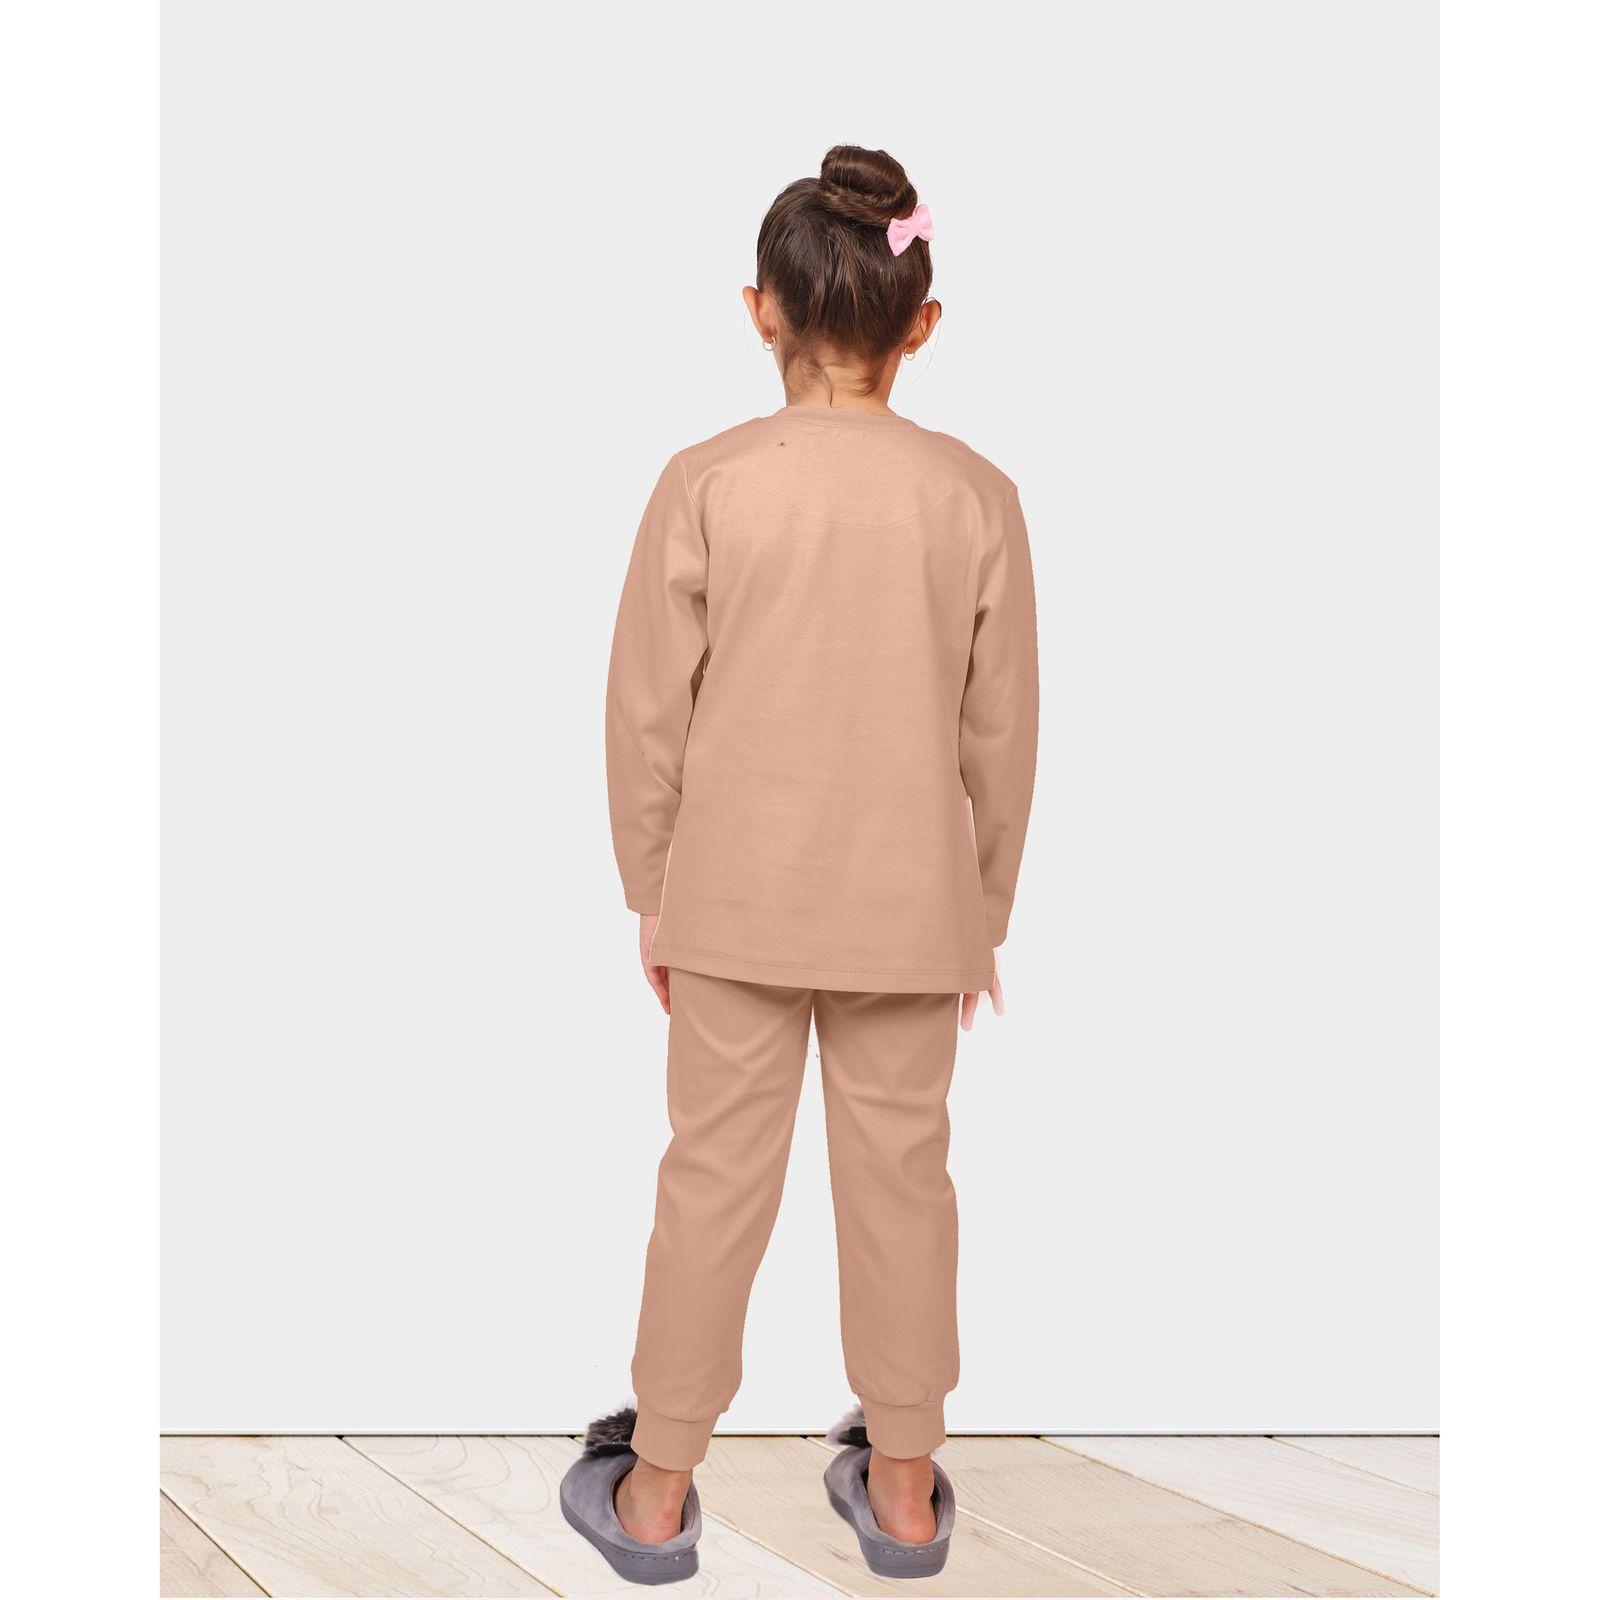 ست تی شرت و شلوار دخترانه مادر مدل 301-80 main 1 8